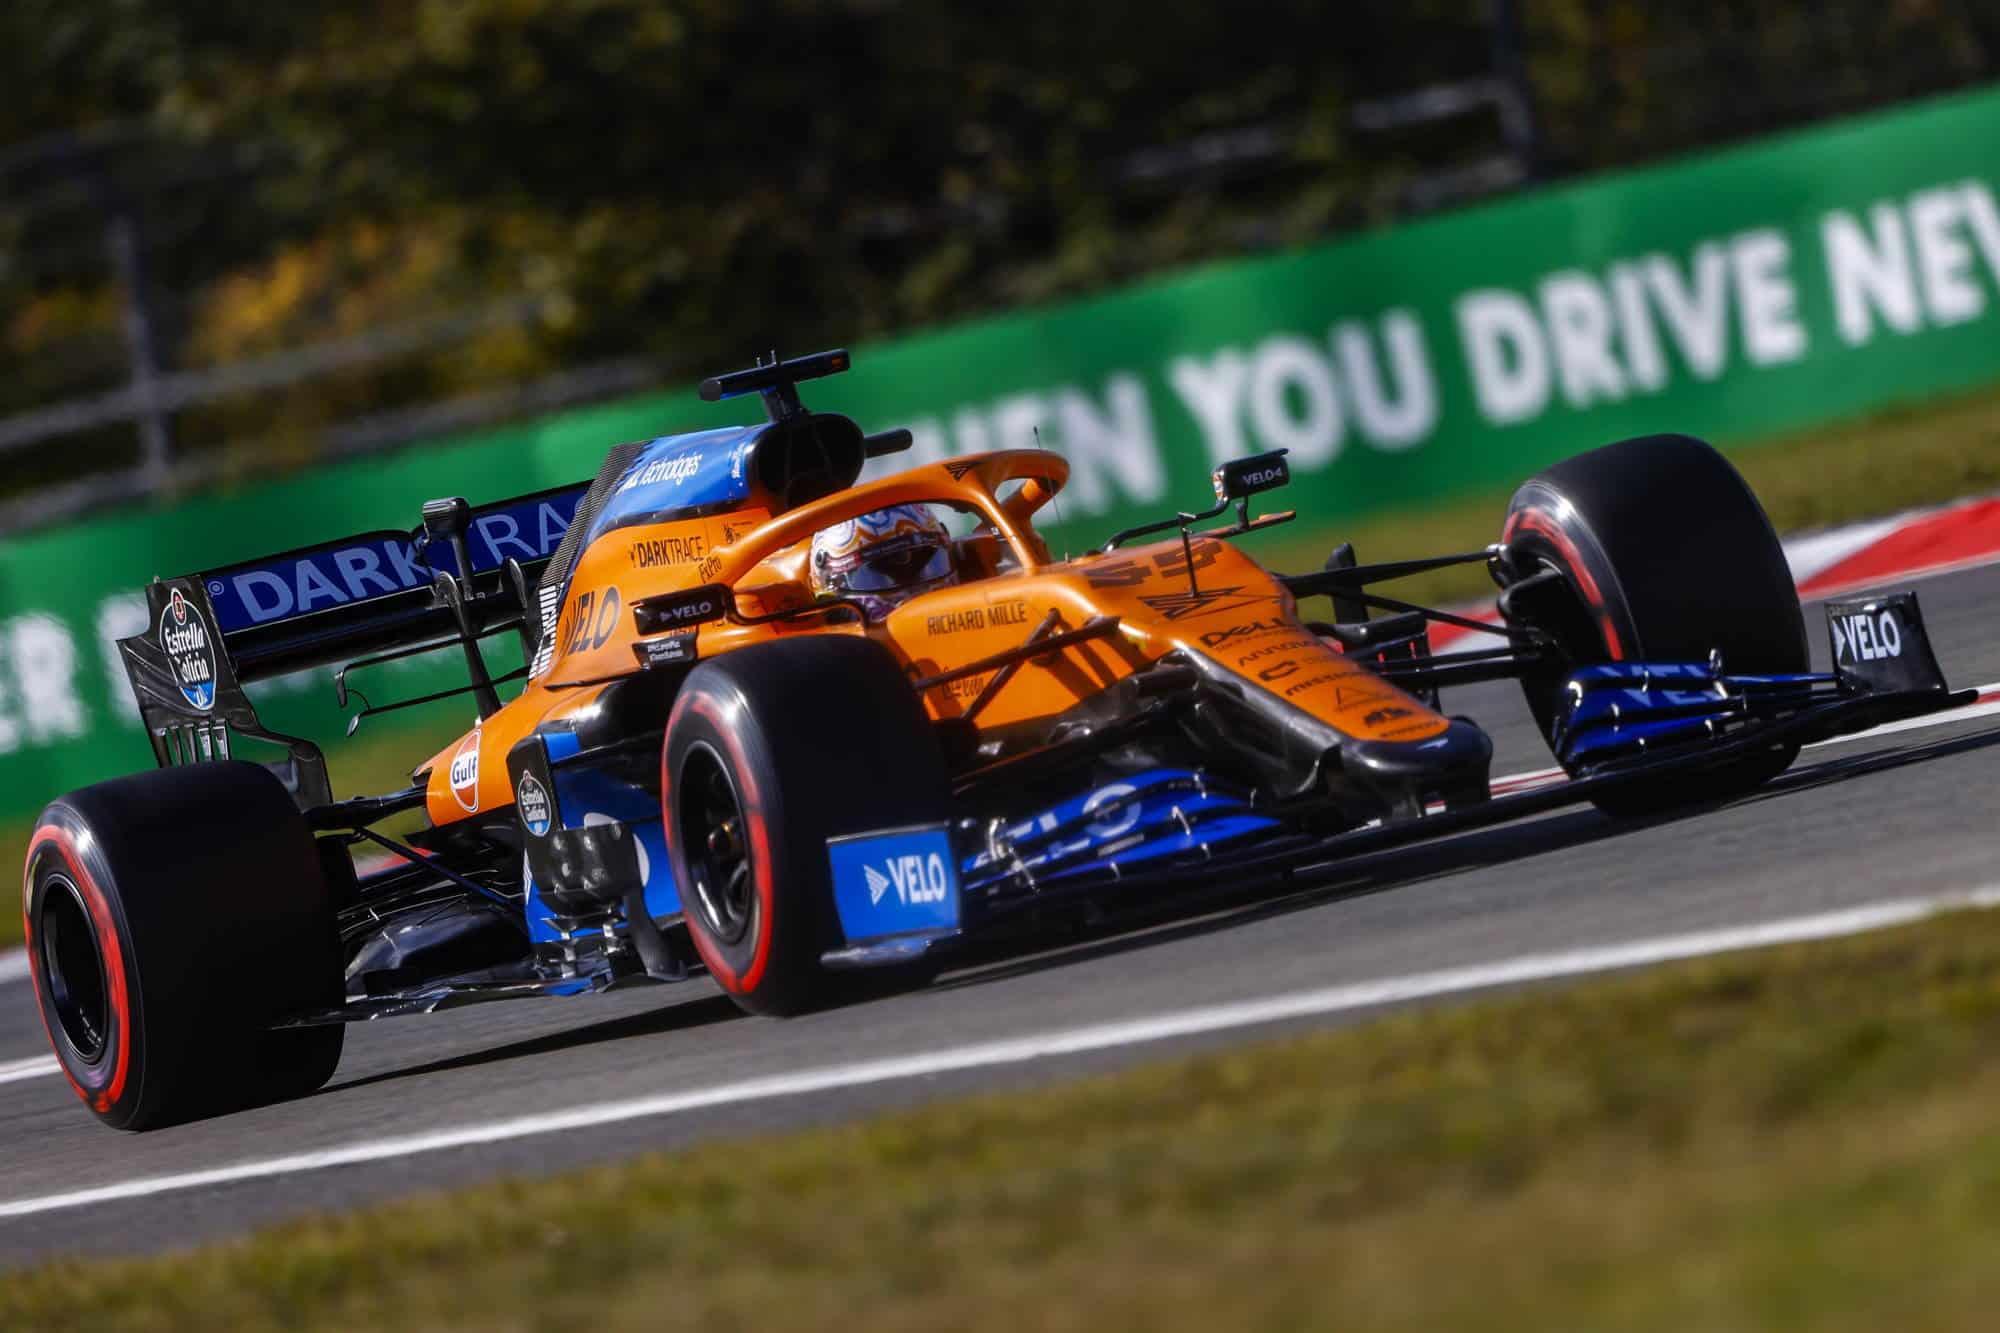 2020-Eifel-GP-Sainz-McLaren-MCL35-new-nose-aero-package-Photo-McLaren